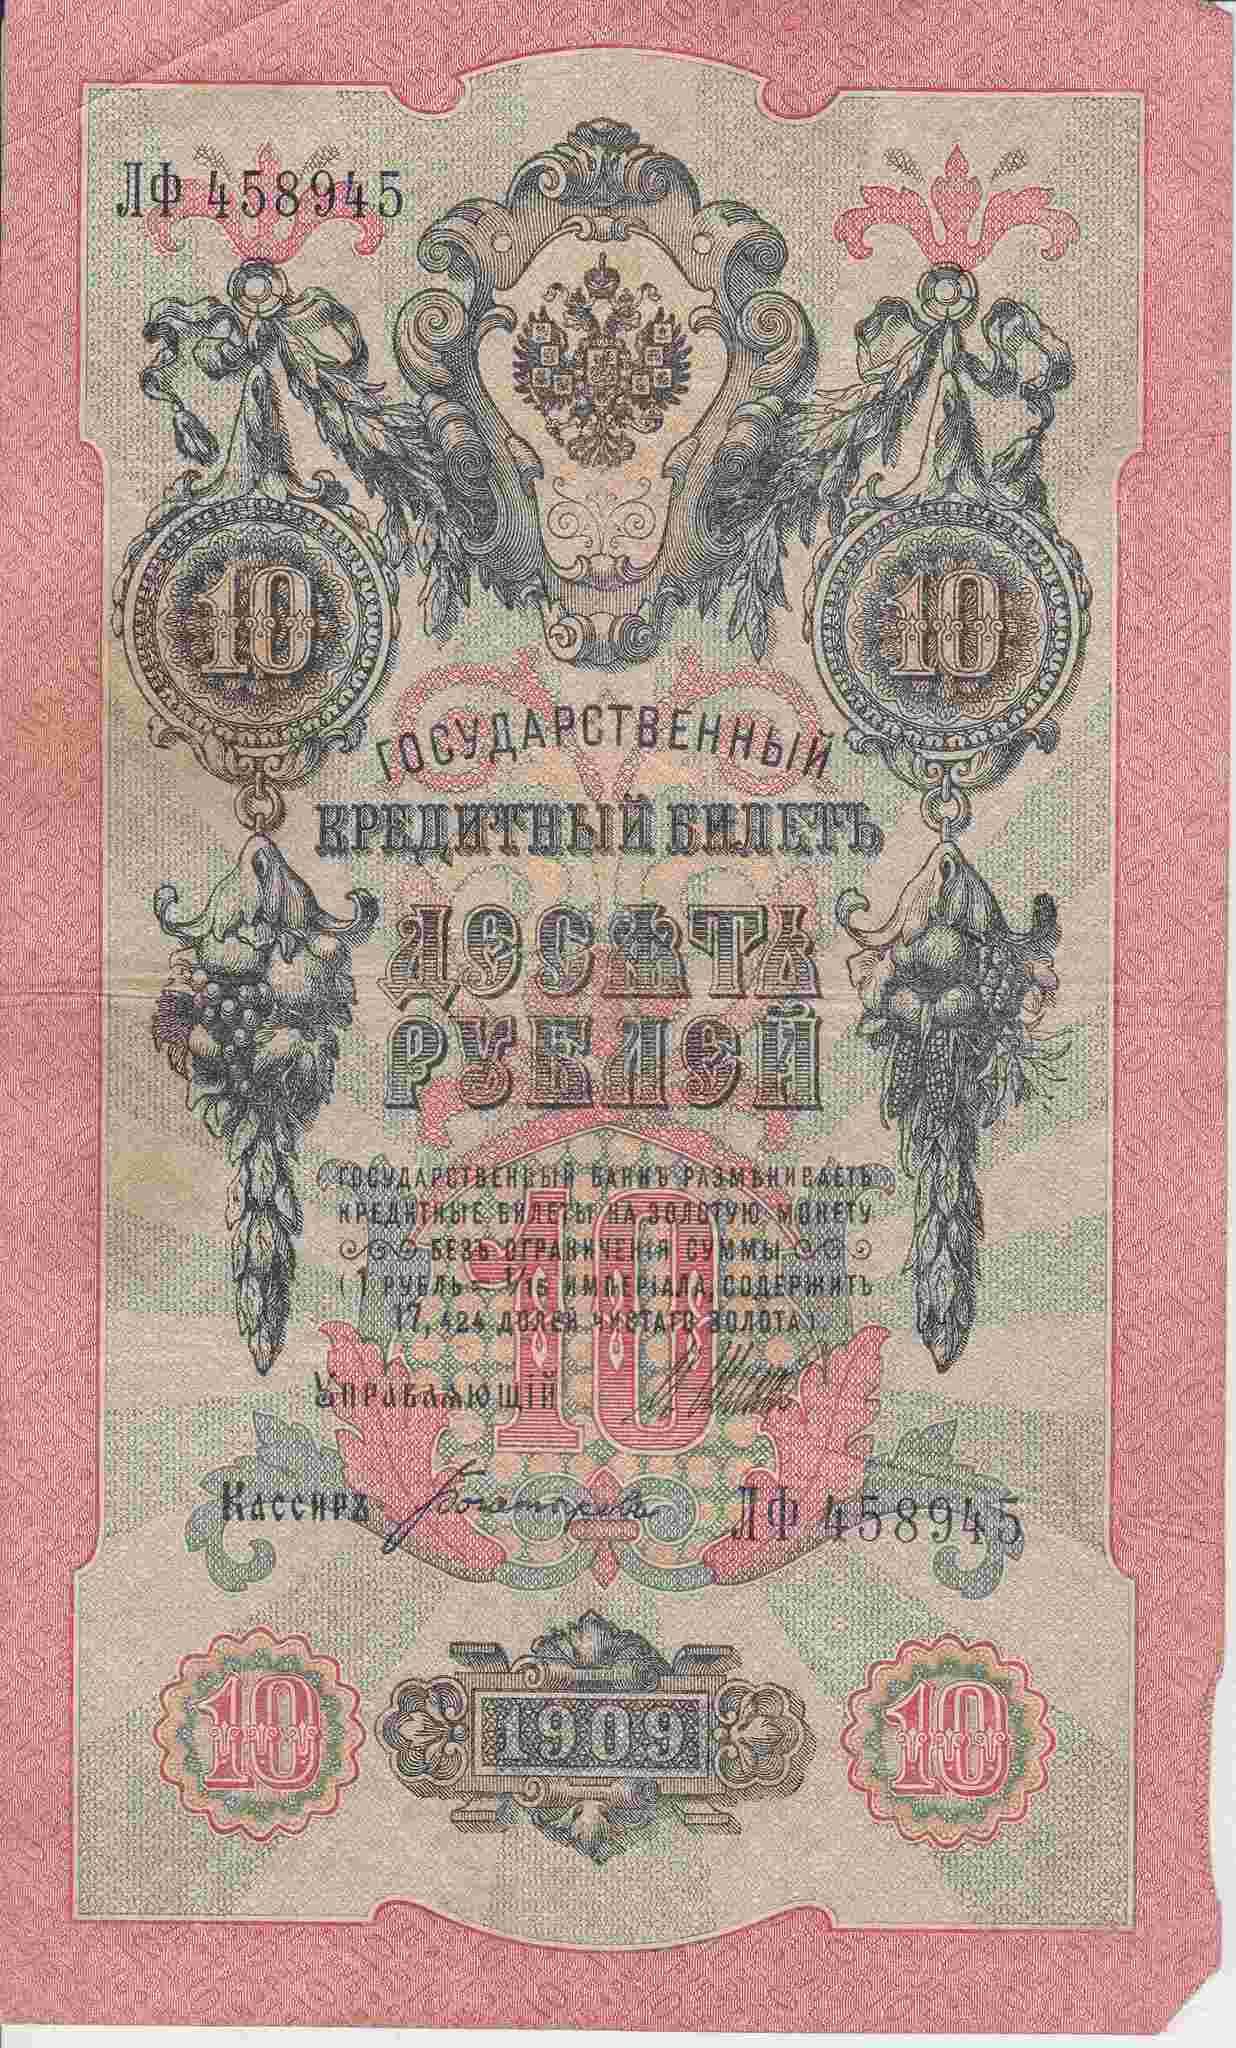 Банкнота Россия 1909 год 10 рублей Шипов/Богатырев ЛФ